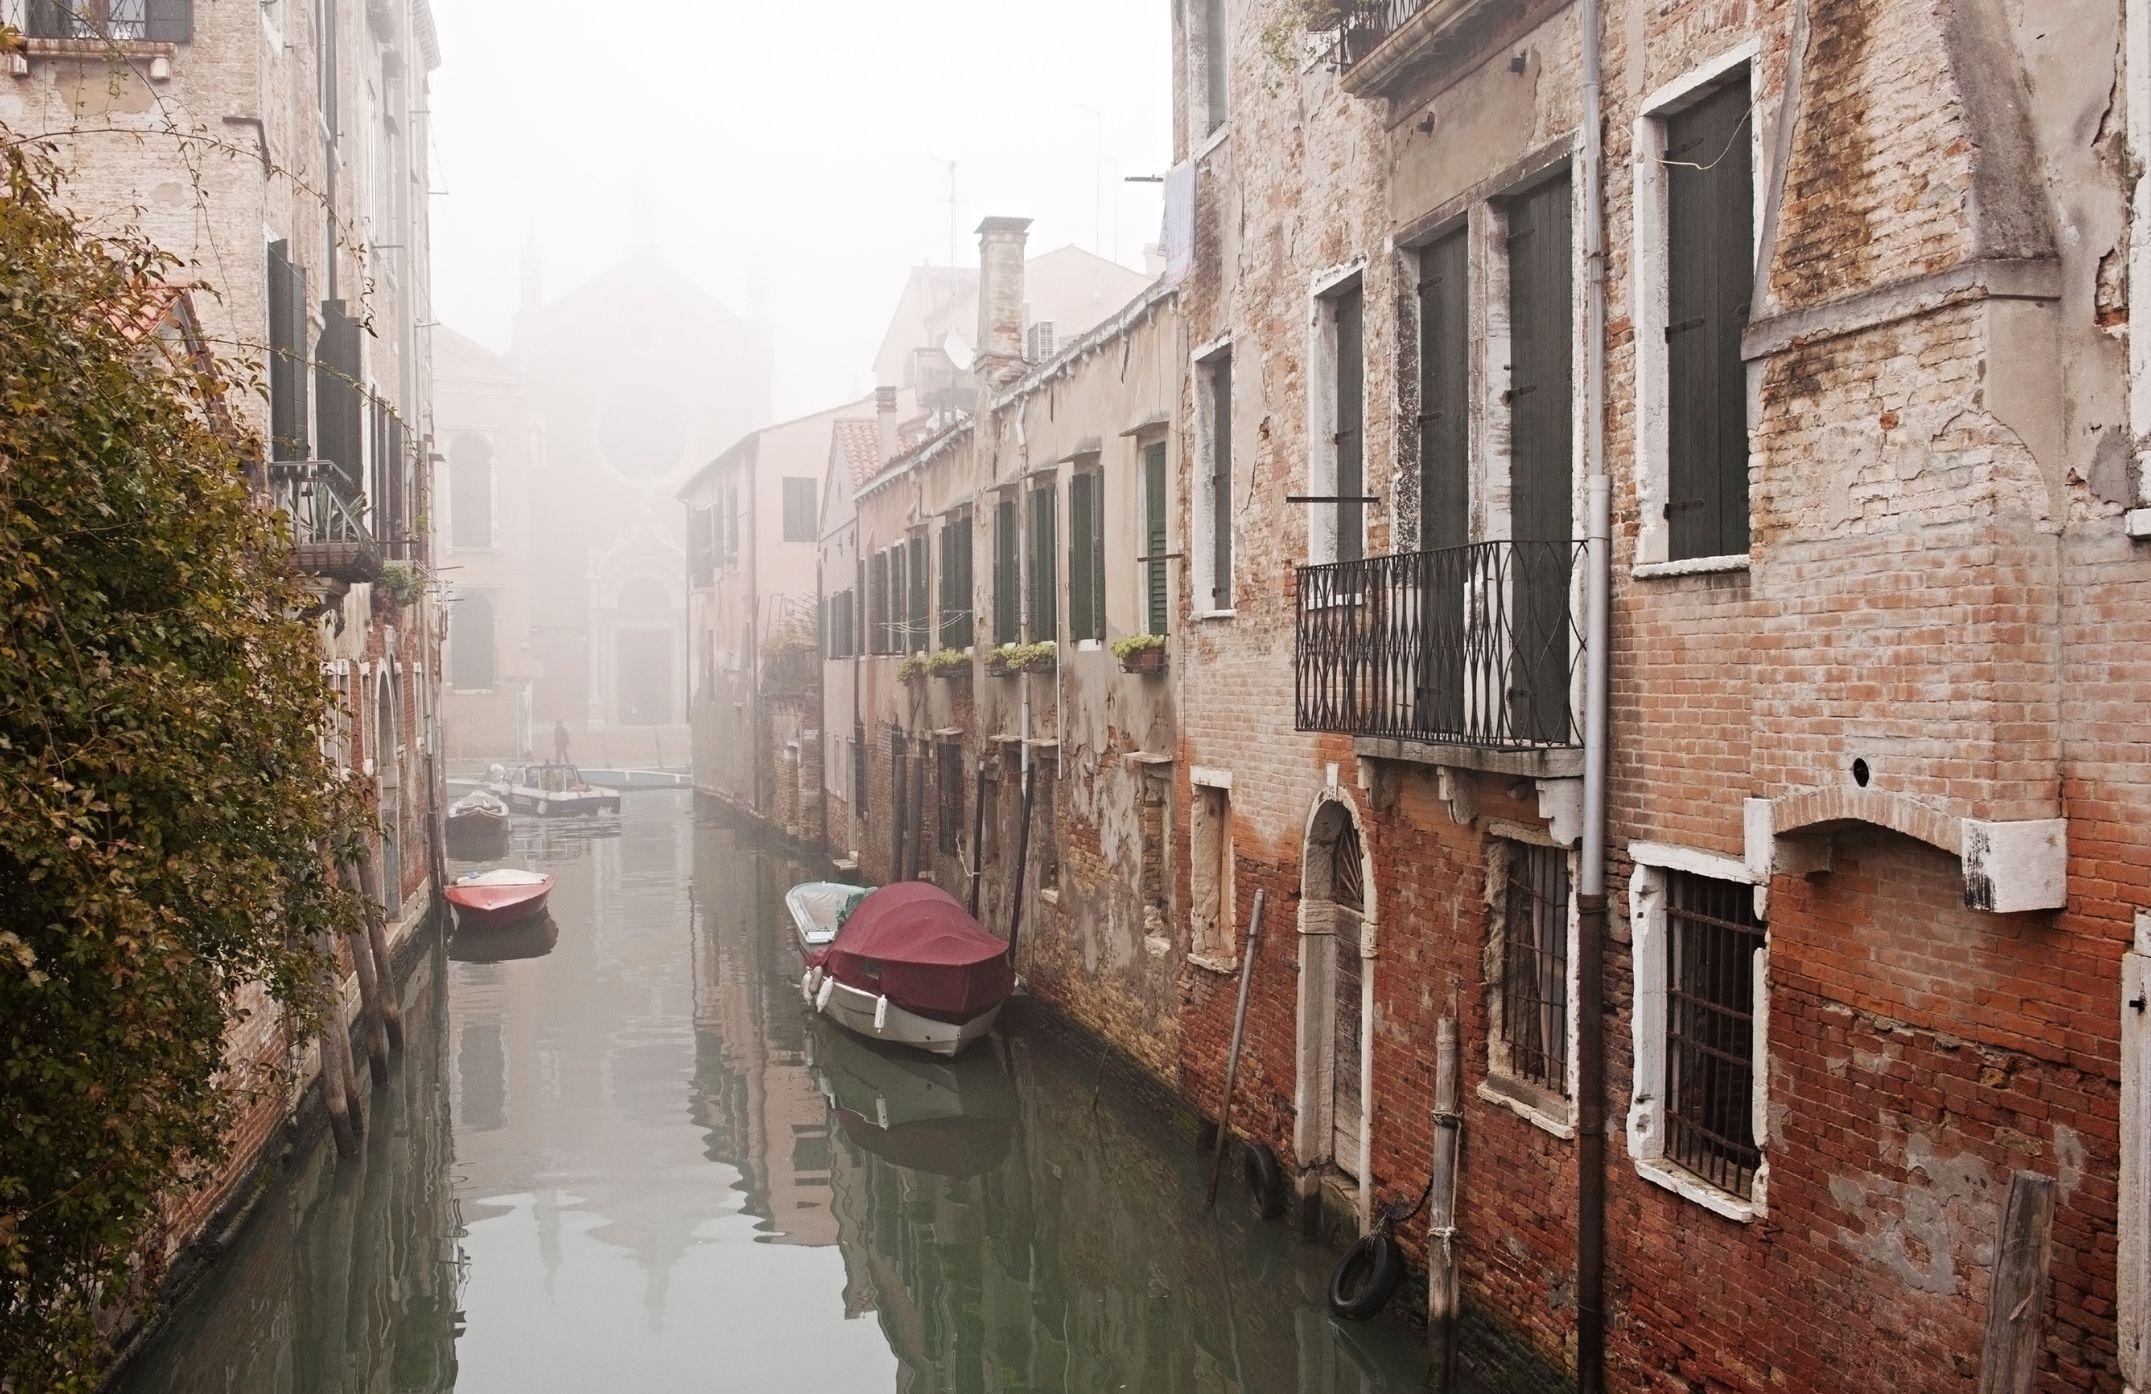 Events In Venice Italy In November